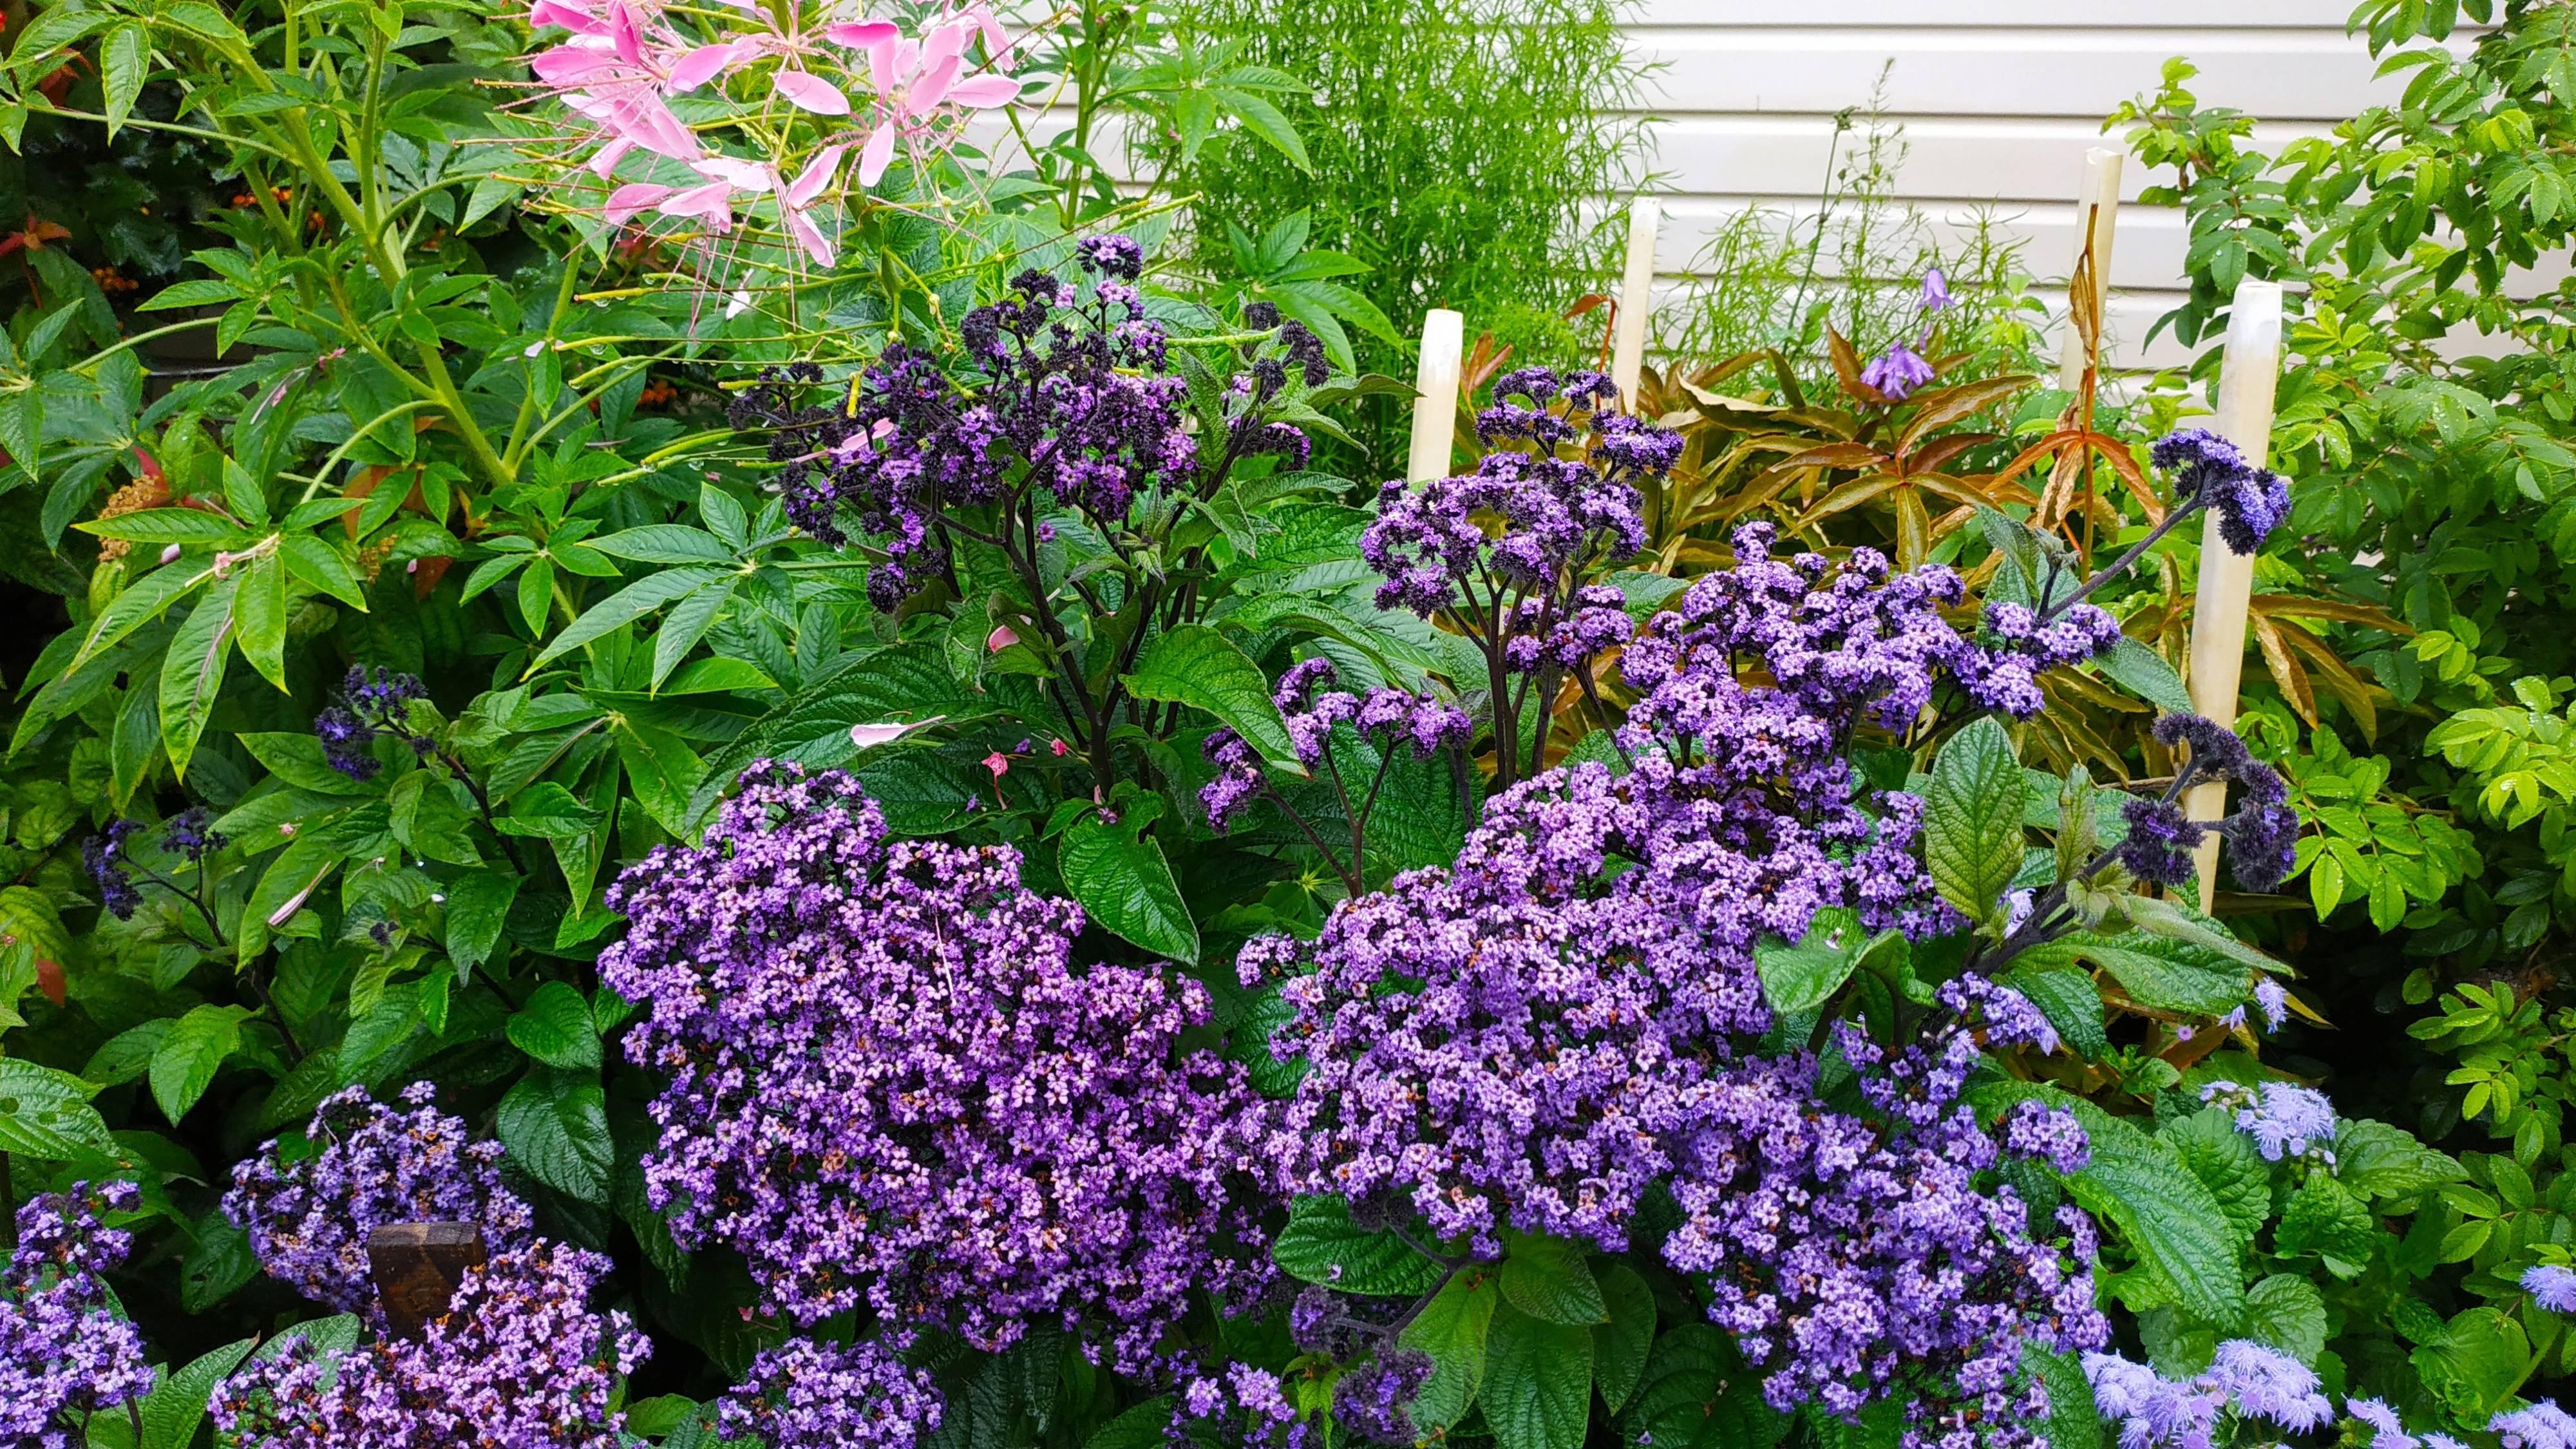 Гелиотроп цветок выращивание в домашних условиях - пошаговые рекомендации